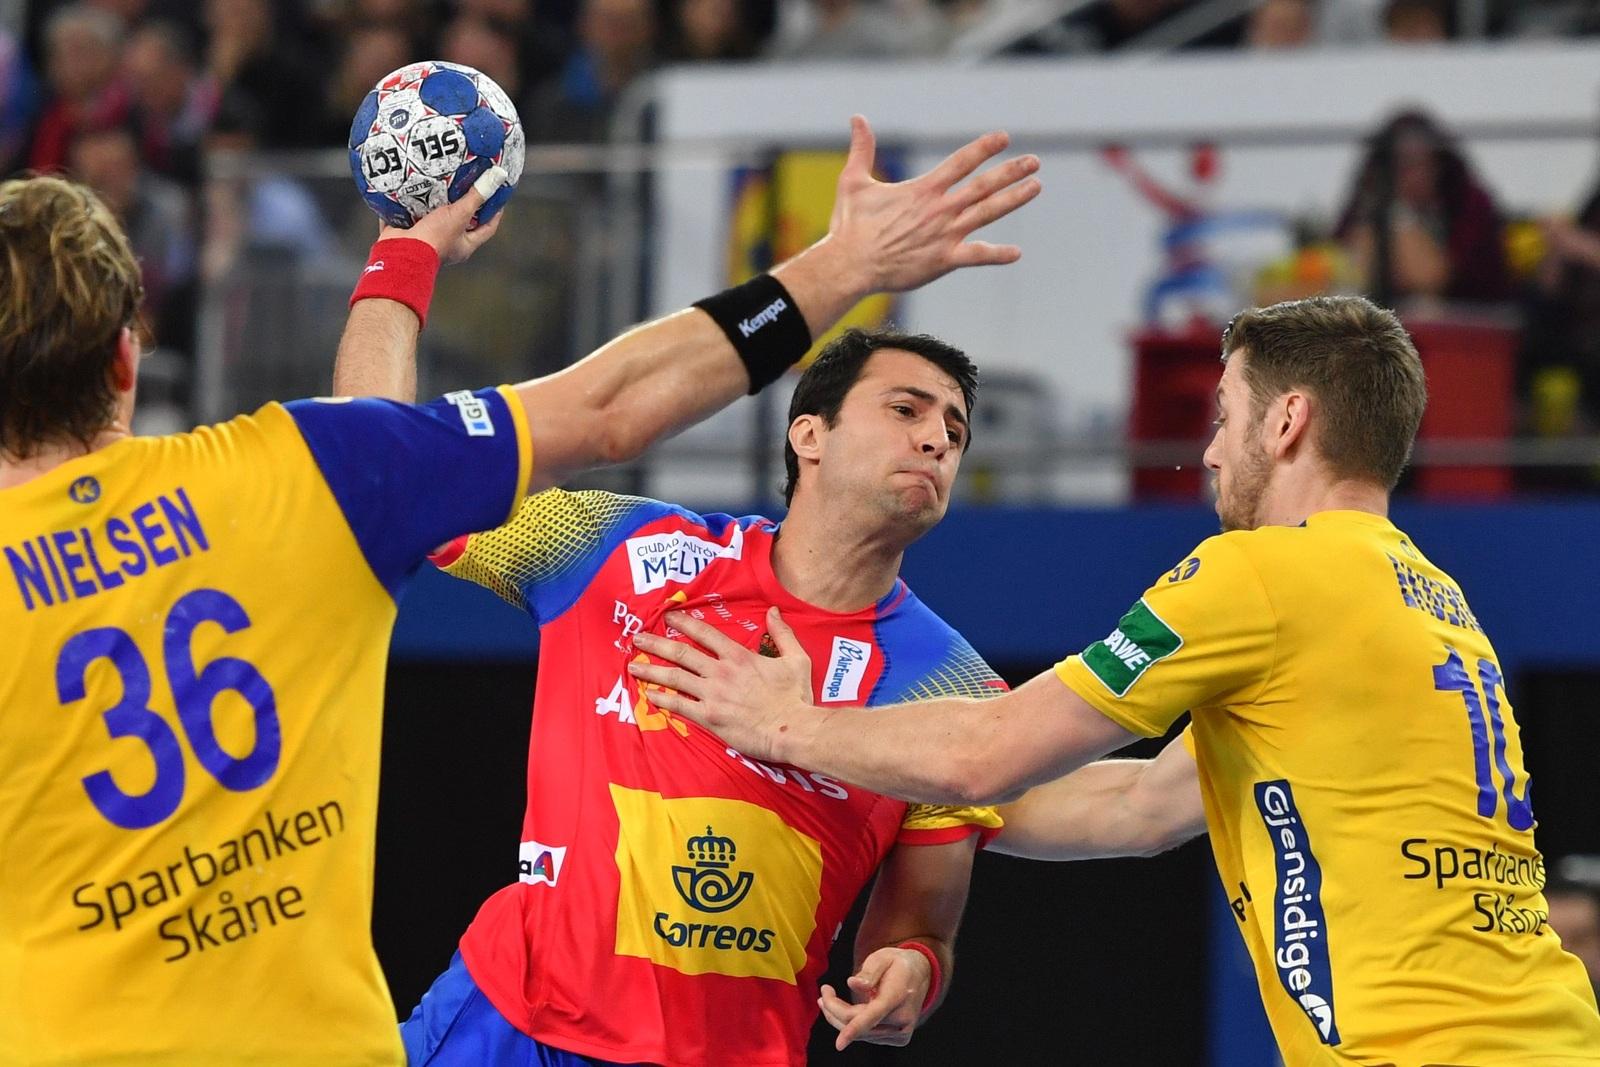 handball spanien live